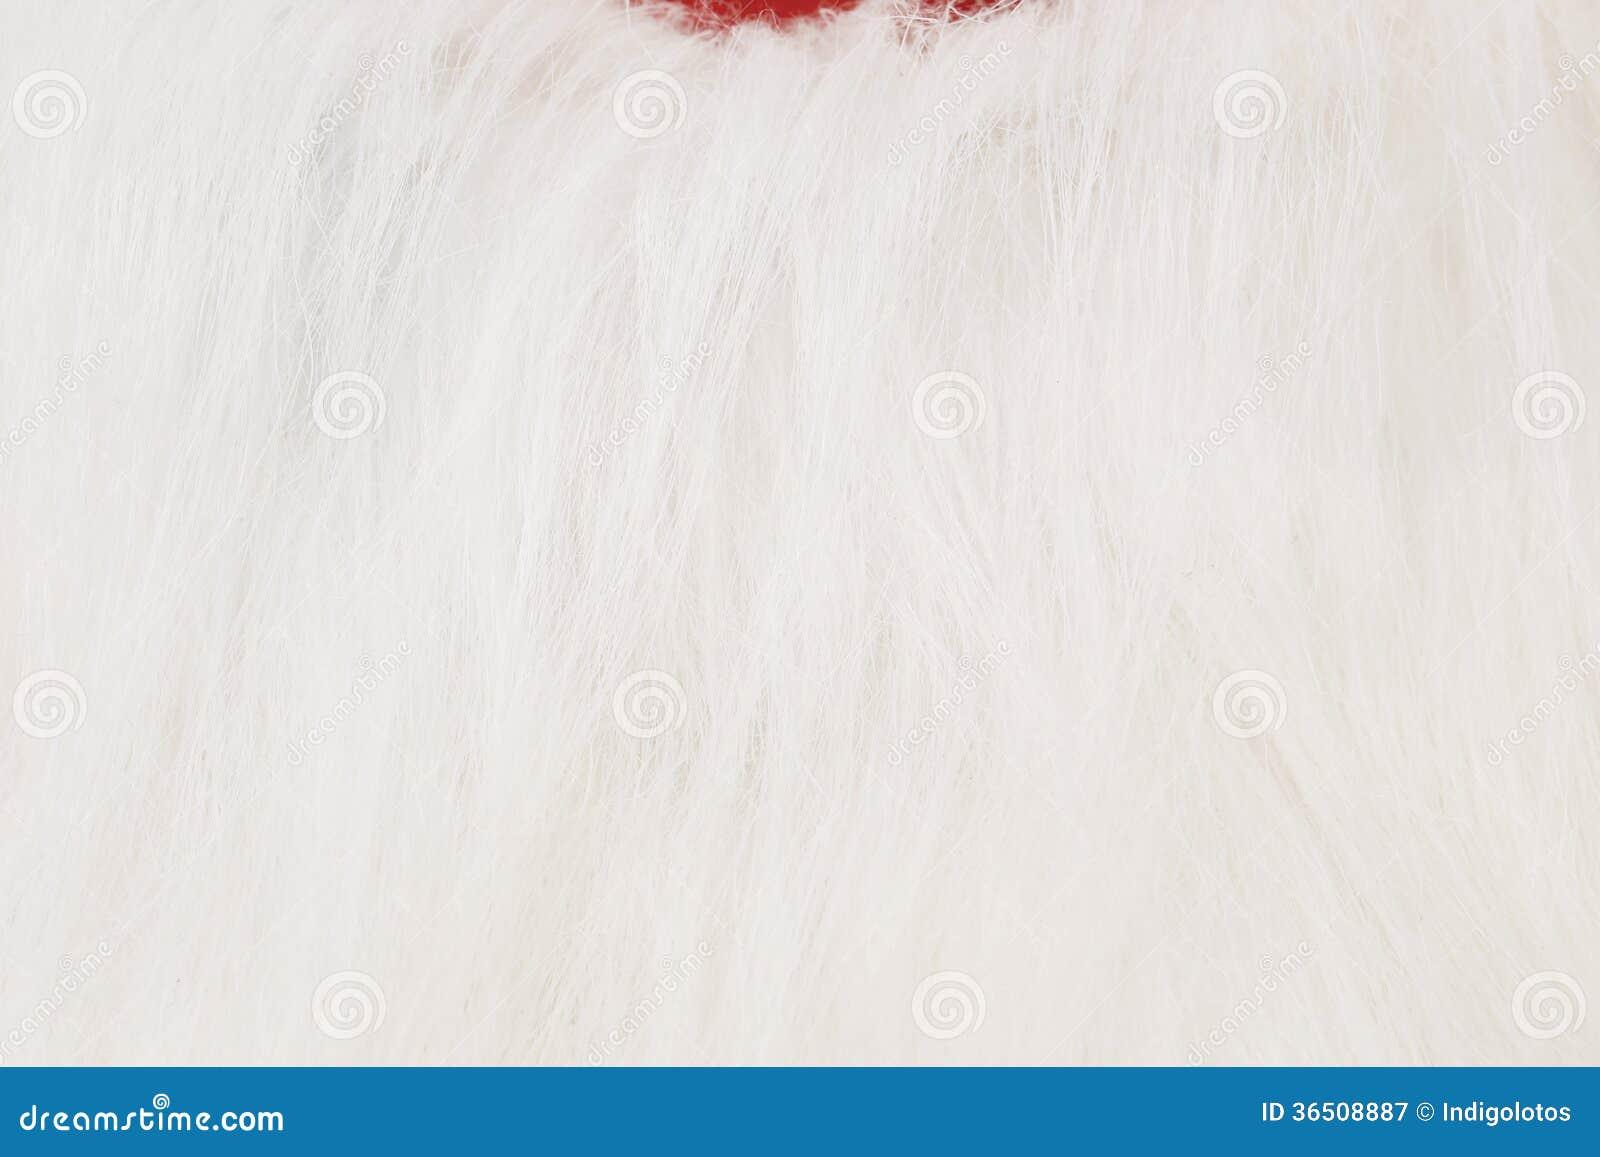 De witte baard van de kerstman.